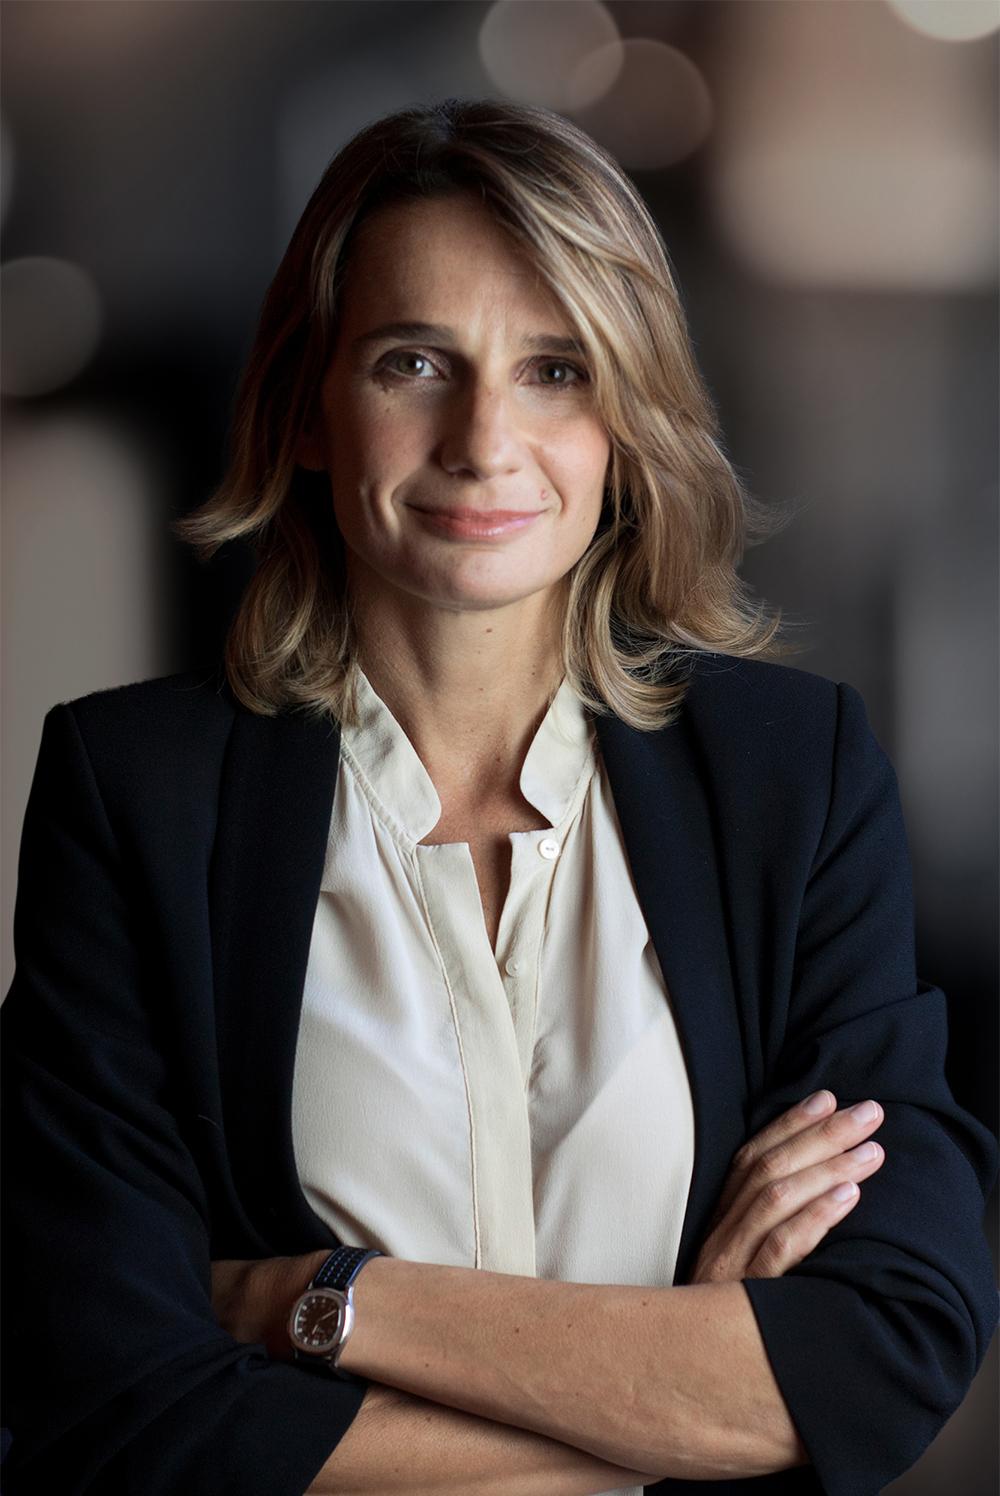 Priscilla Merlino